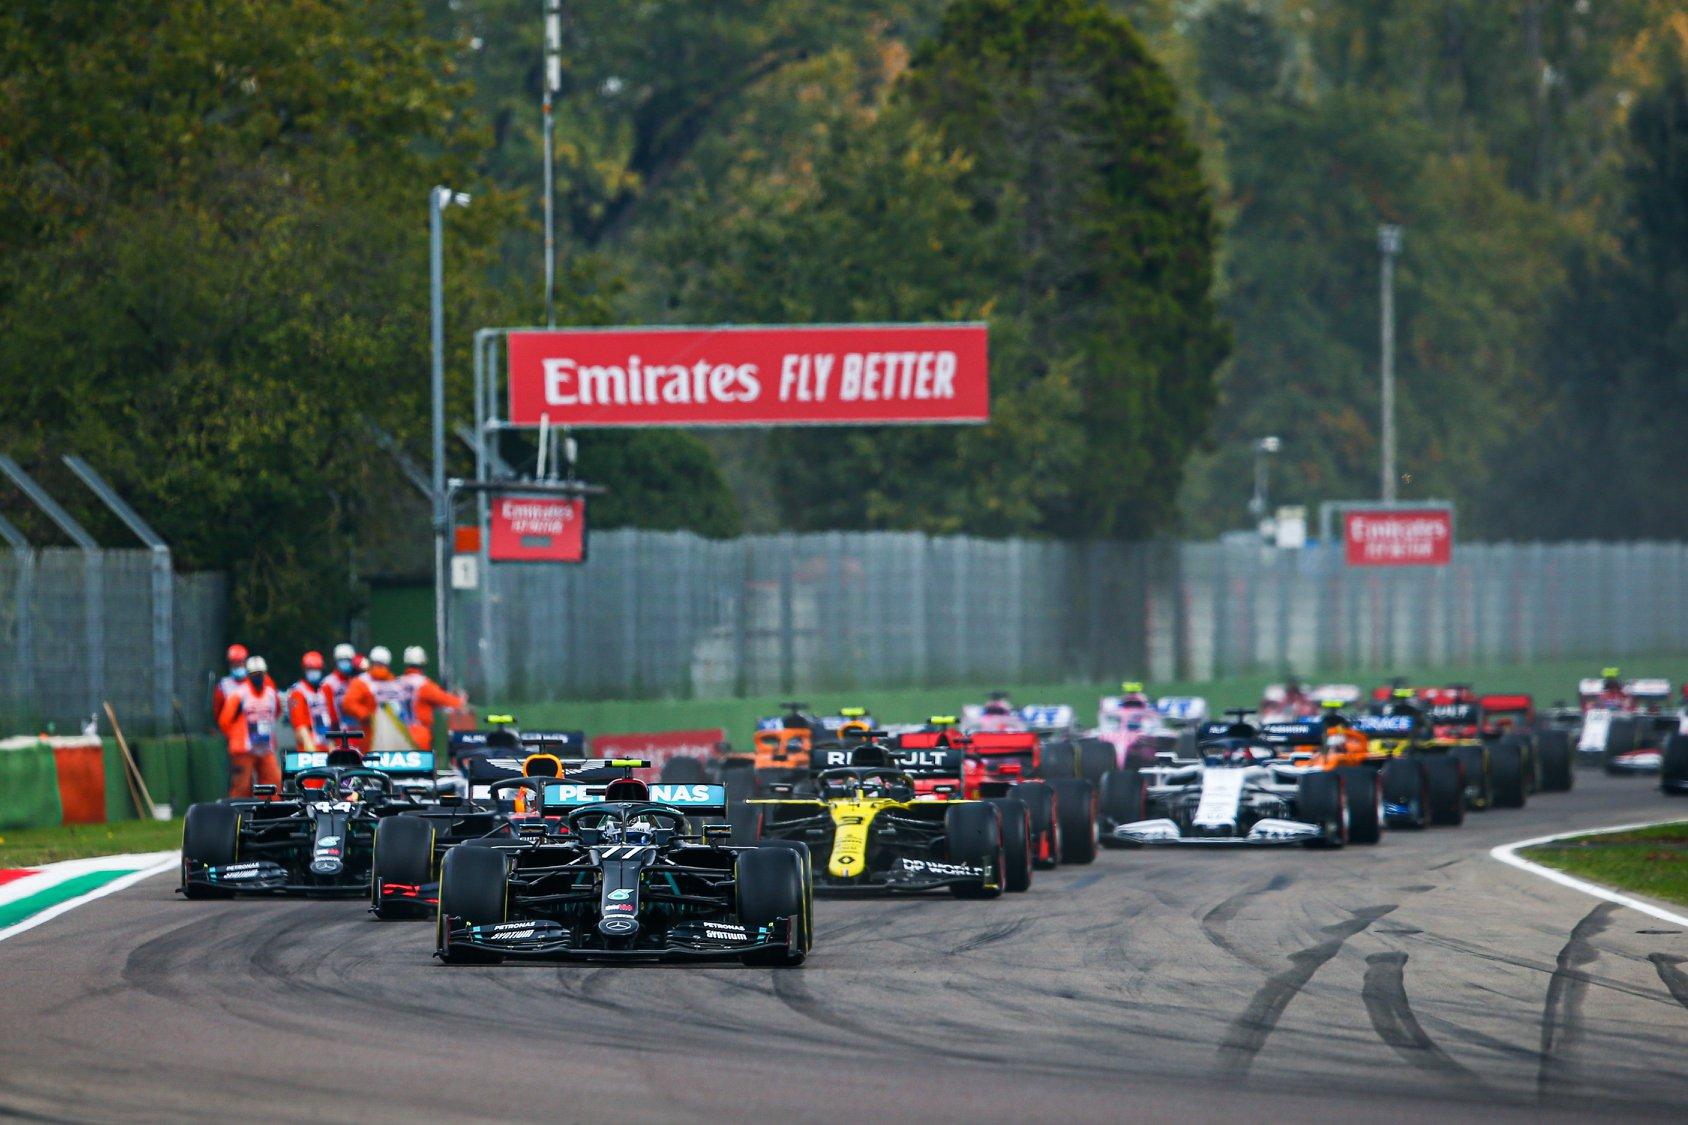 Bahréin albergará la apertura de la temporada de la F1